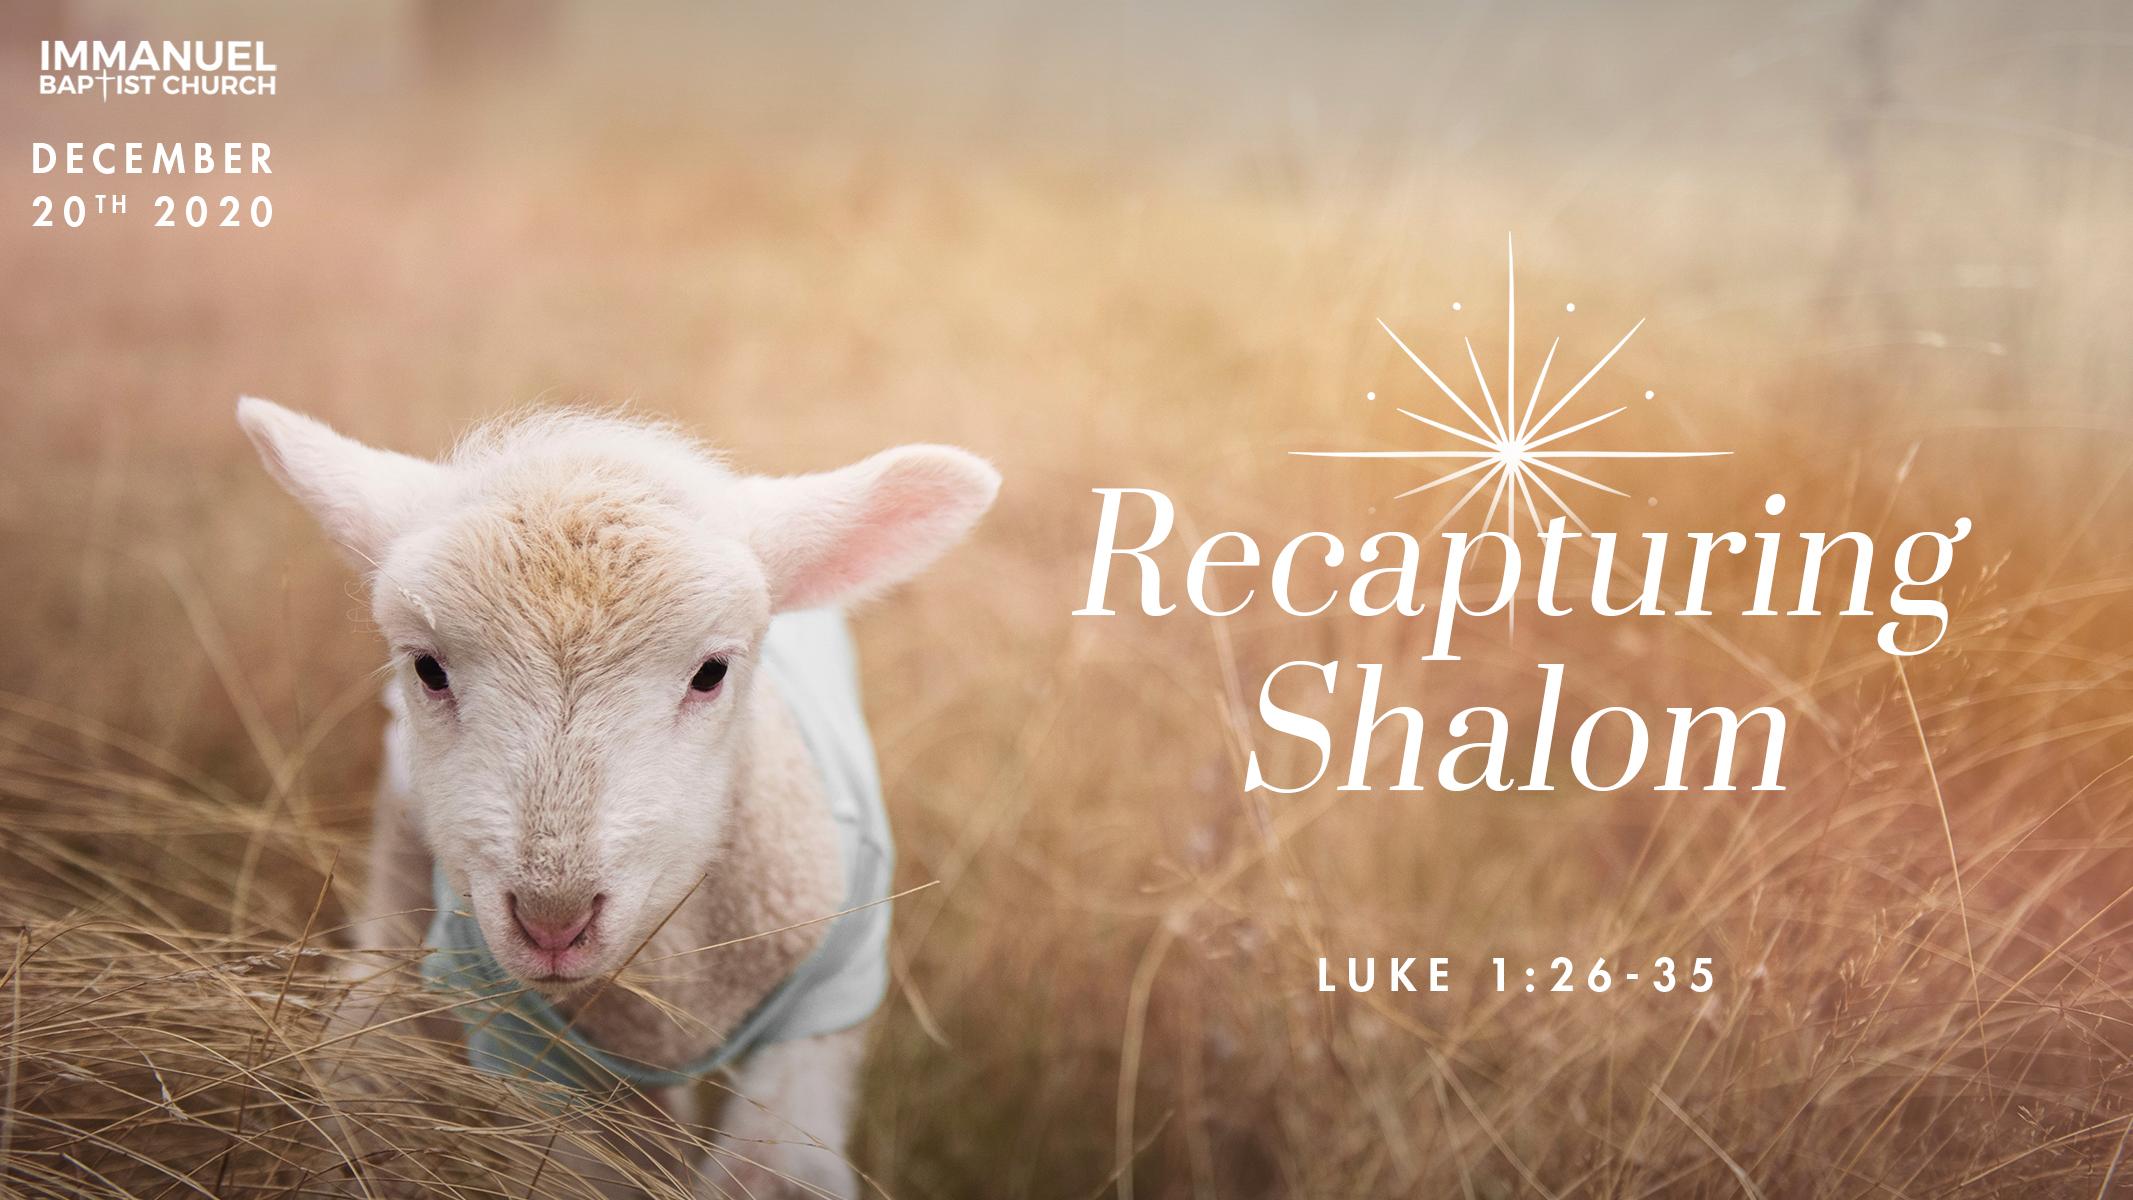 Recapturing Shalom Image